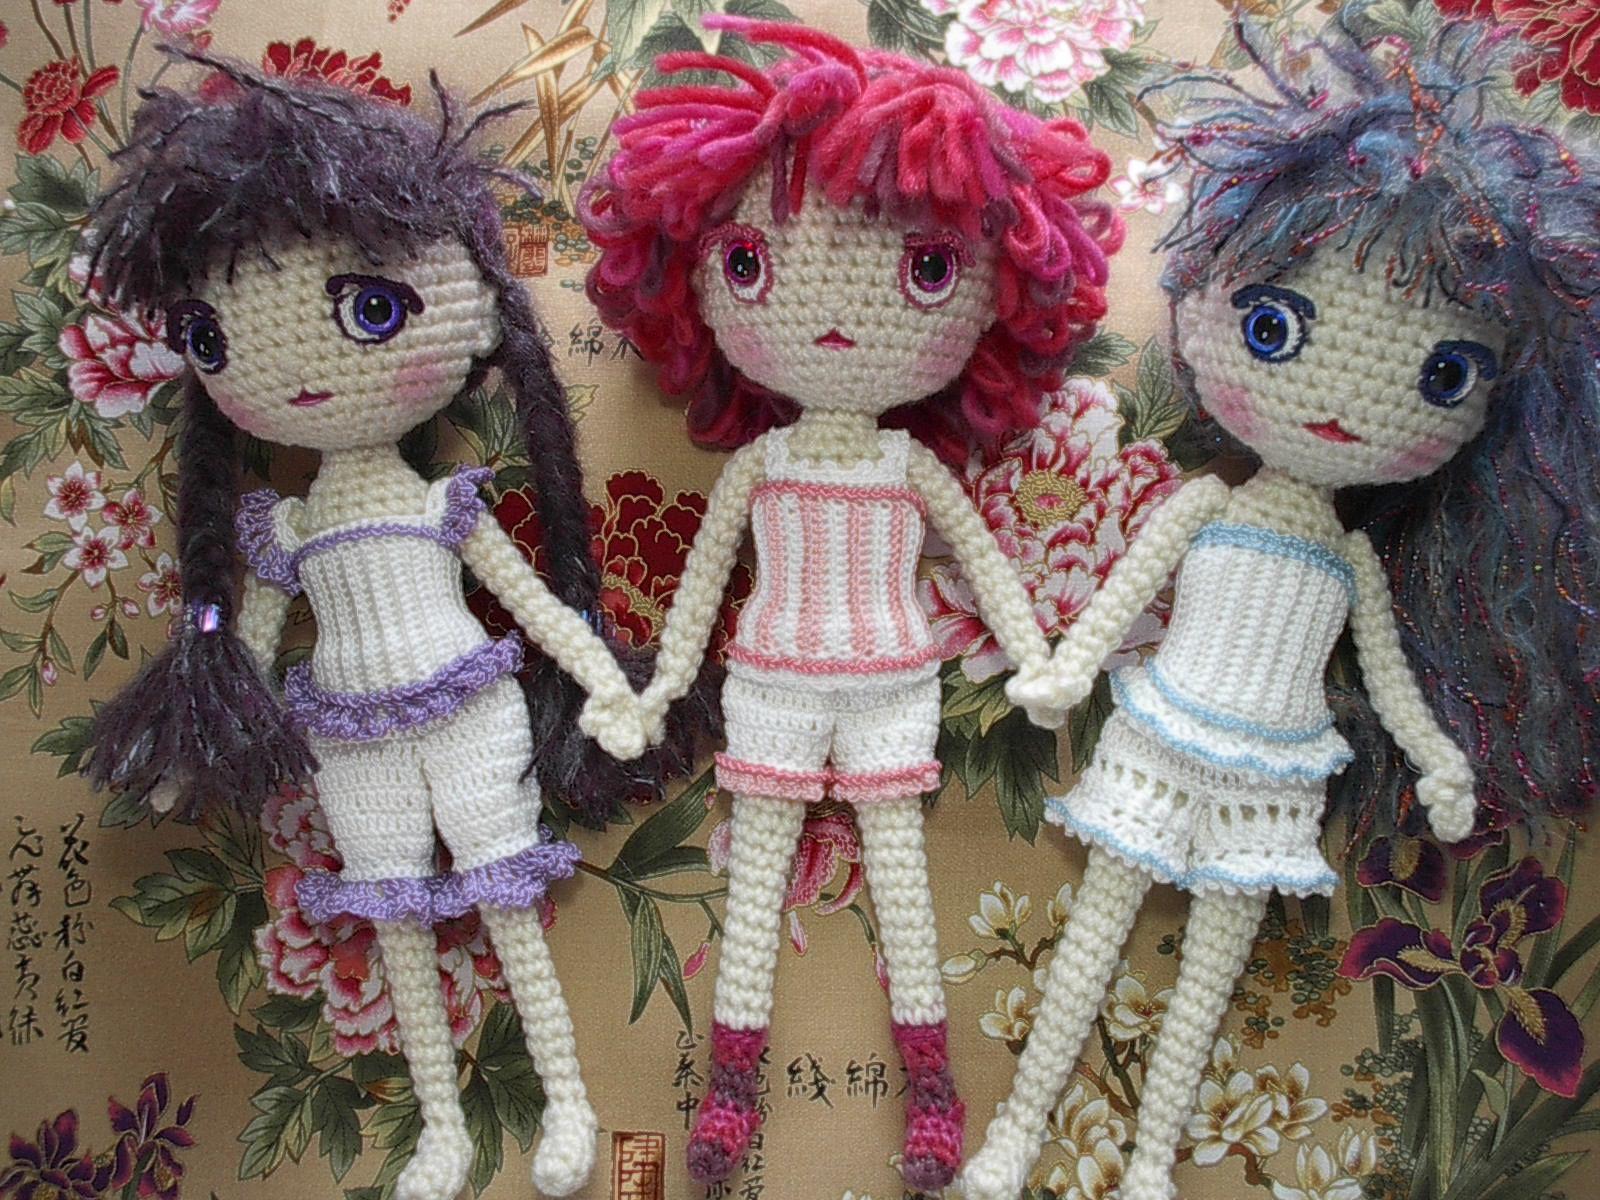 Crochet Amigurumi Doll Free : Tiny amigurumi doll free pattern by double treble trinkets